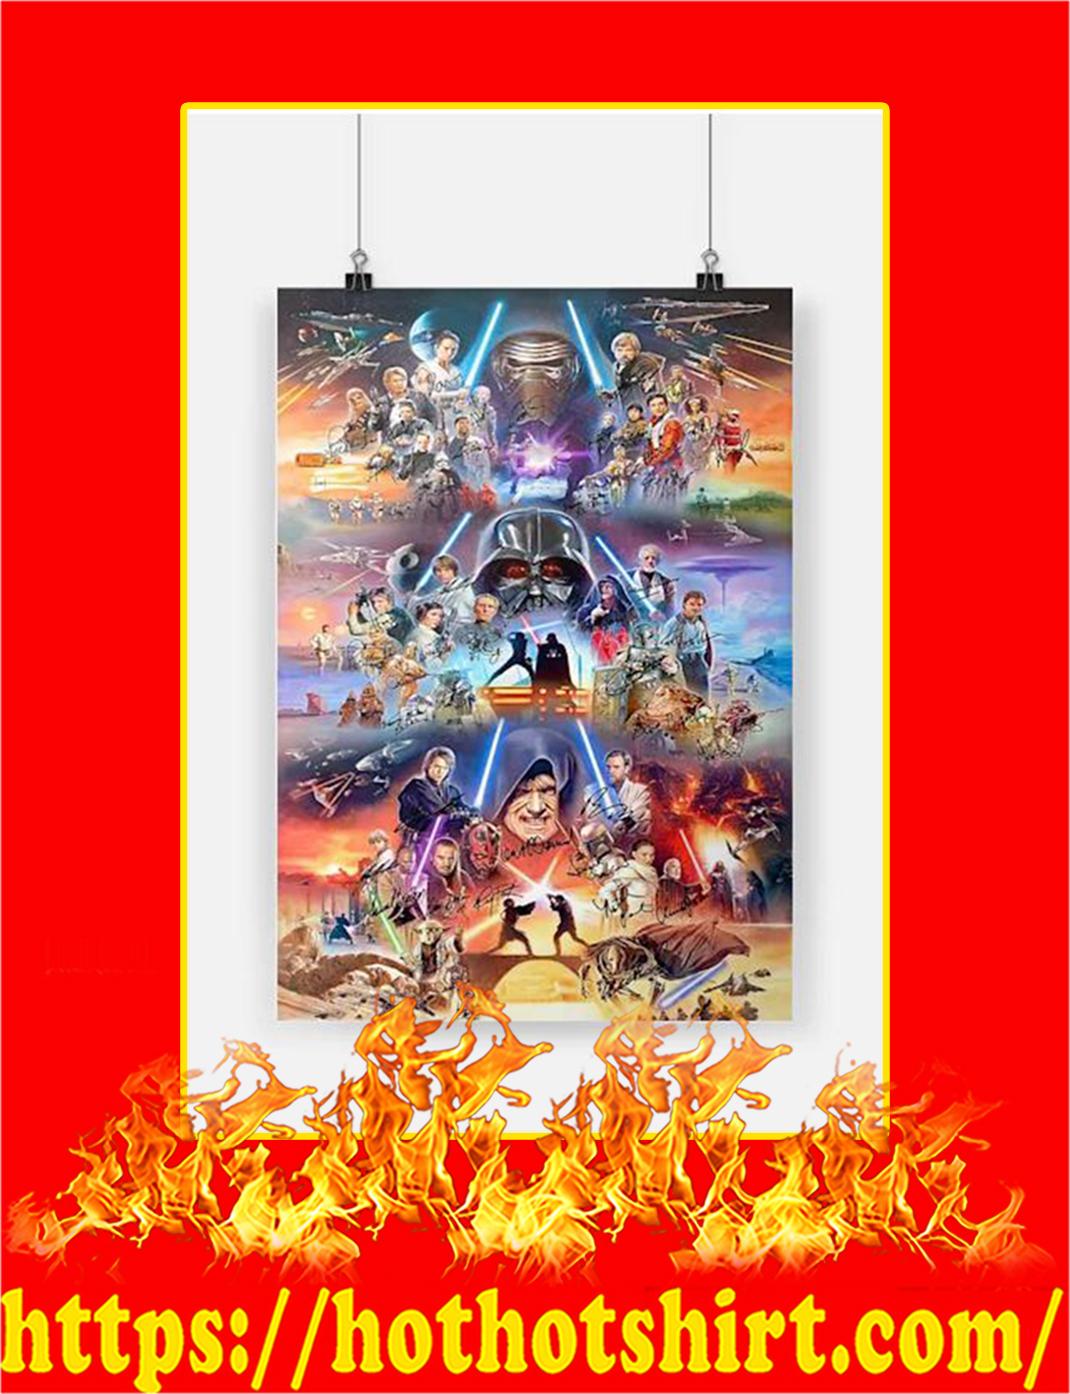 Star War Signature Poster - A2